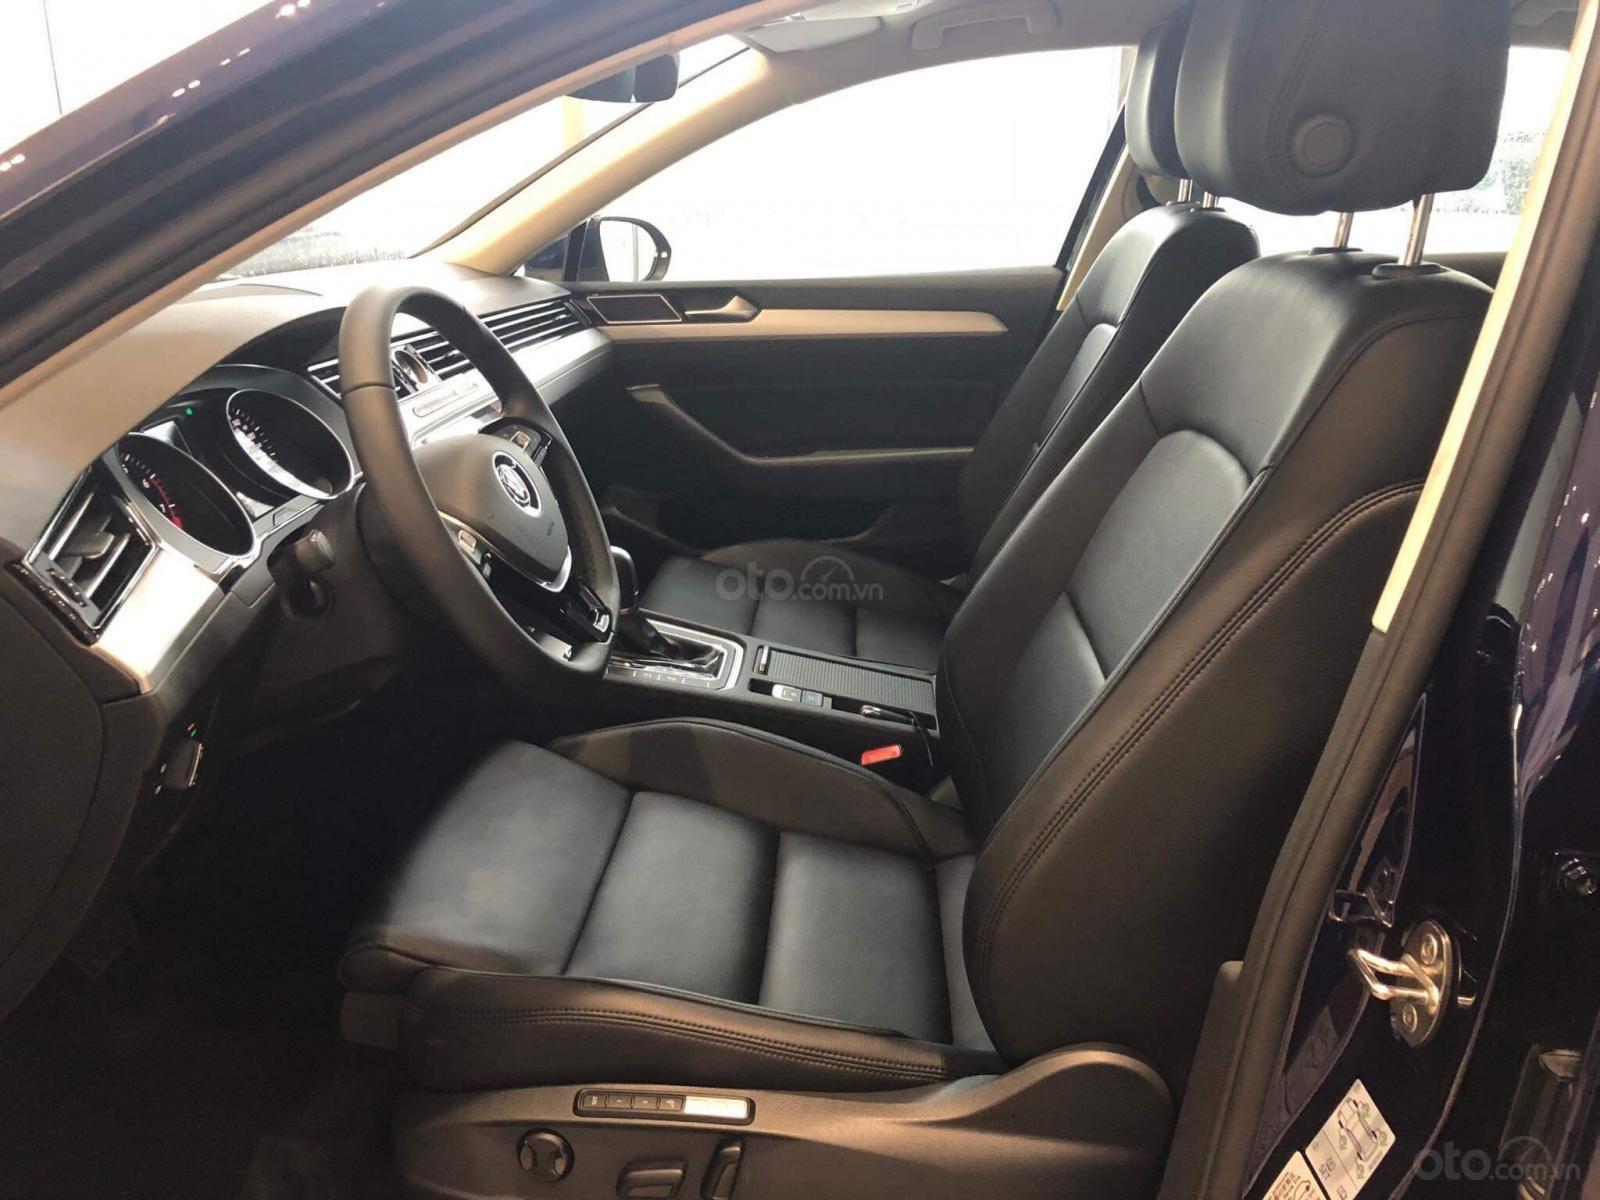 Cần bán xe Volkswagen Passat Bluemotion 2018, nhập khẩu nguyên chiếc-1